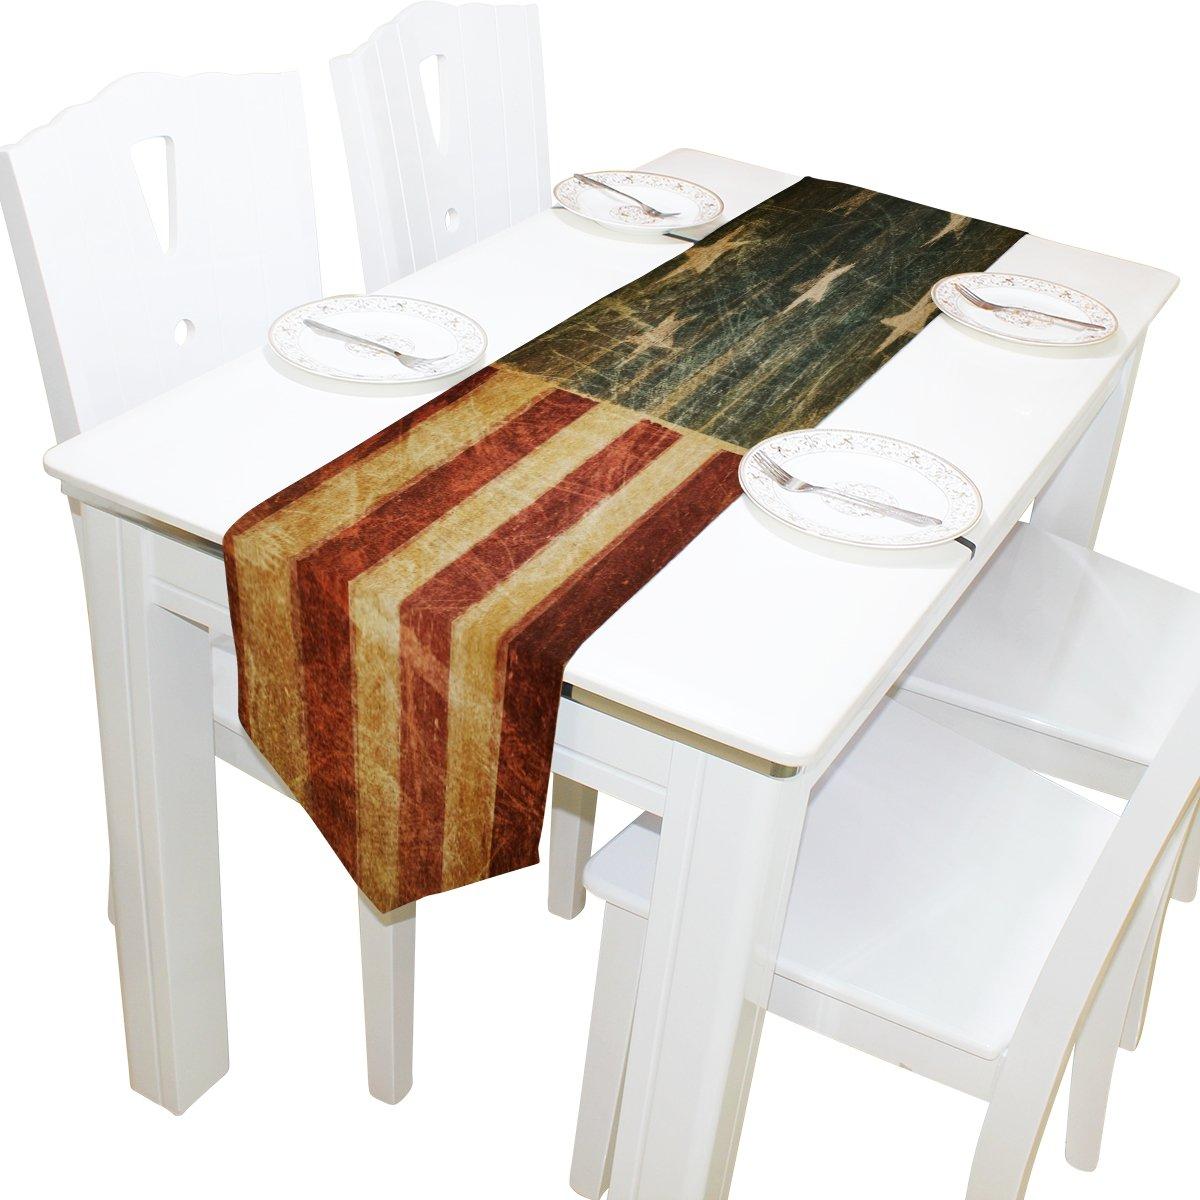 Alazaテーブルランナーホーム装飾、ヴィンテージAmerican Patriotic Starsテーブルクロスランナーコーヒーマットforウェディングパーティー宴会装飾13 x 70インチ 13x70(in) ホワイト 13x70(in)  B07D67ZJT3